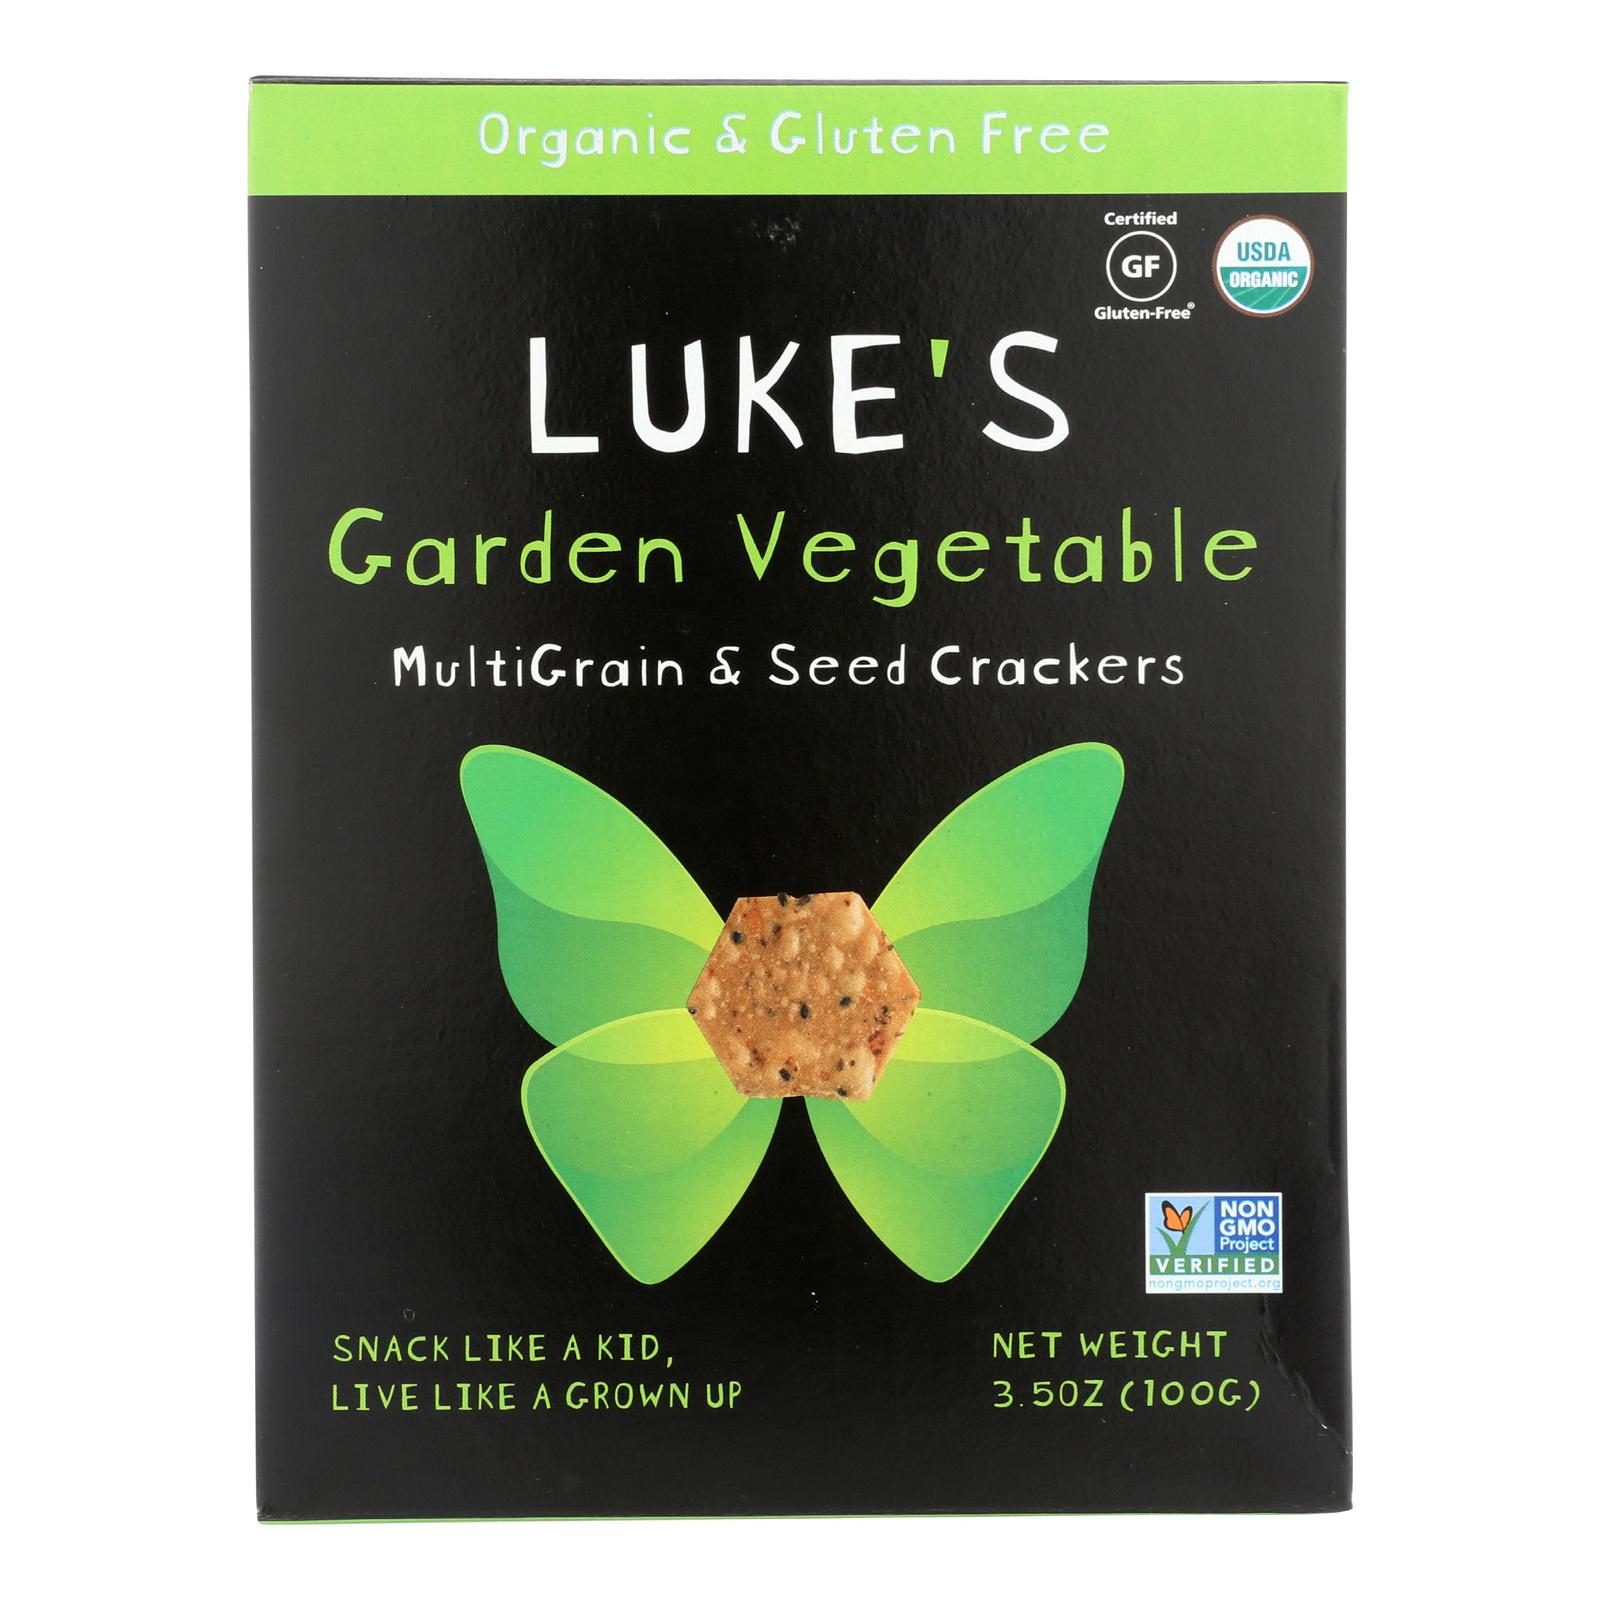 Luke's Organic Garden Vegetable Crackers - Multi Grain and Seeds - Case of 6 - 3.5 oz.